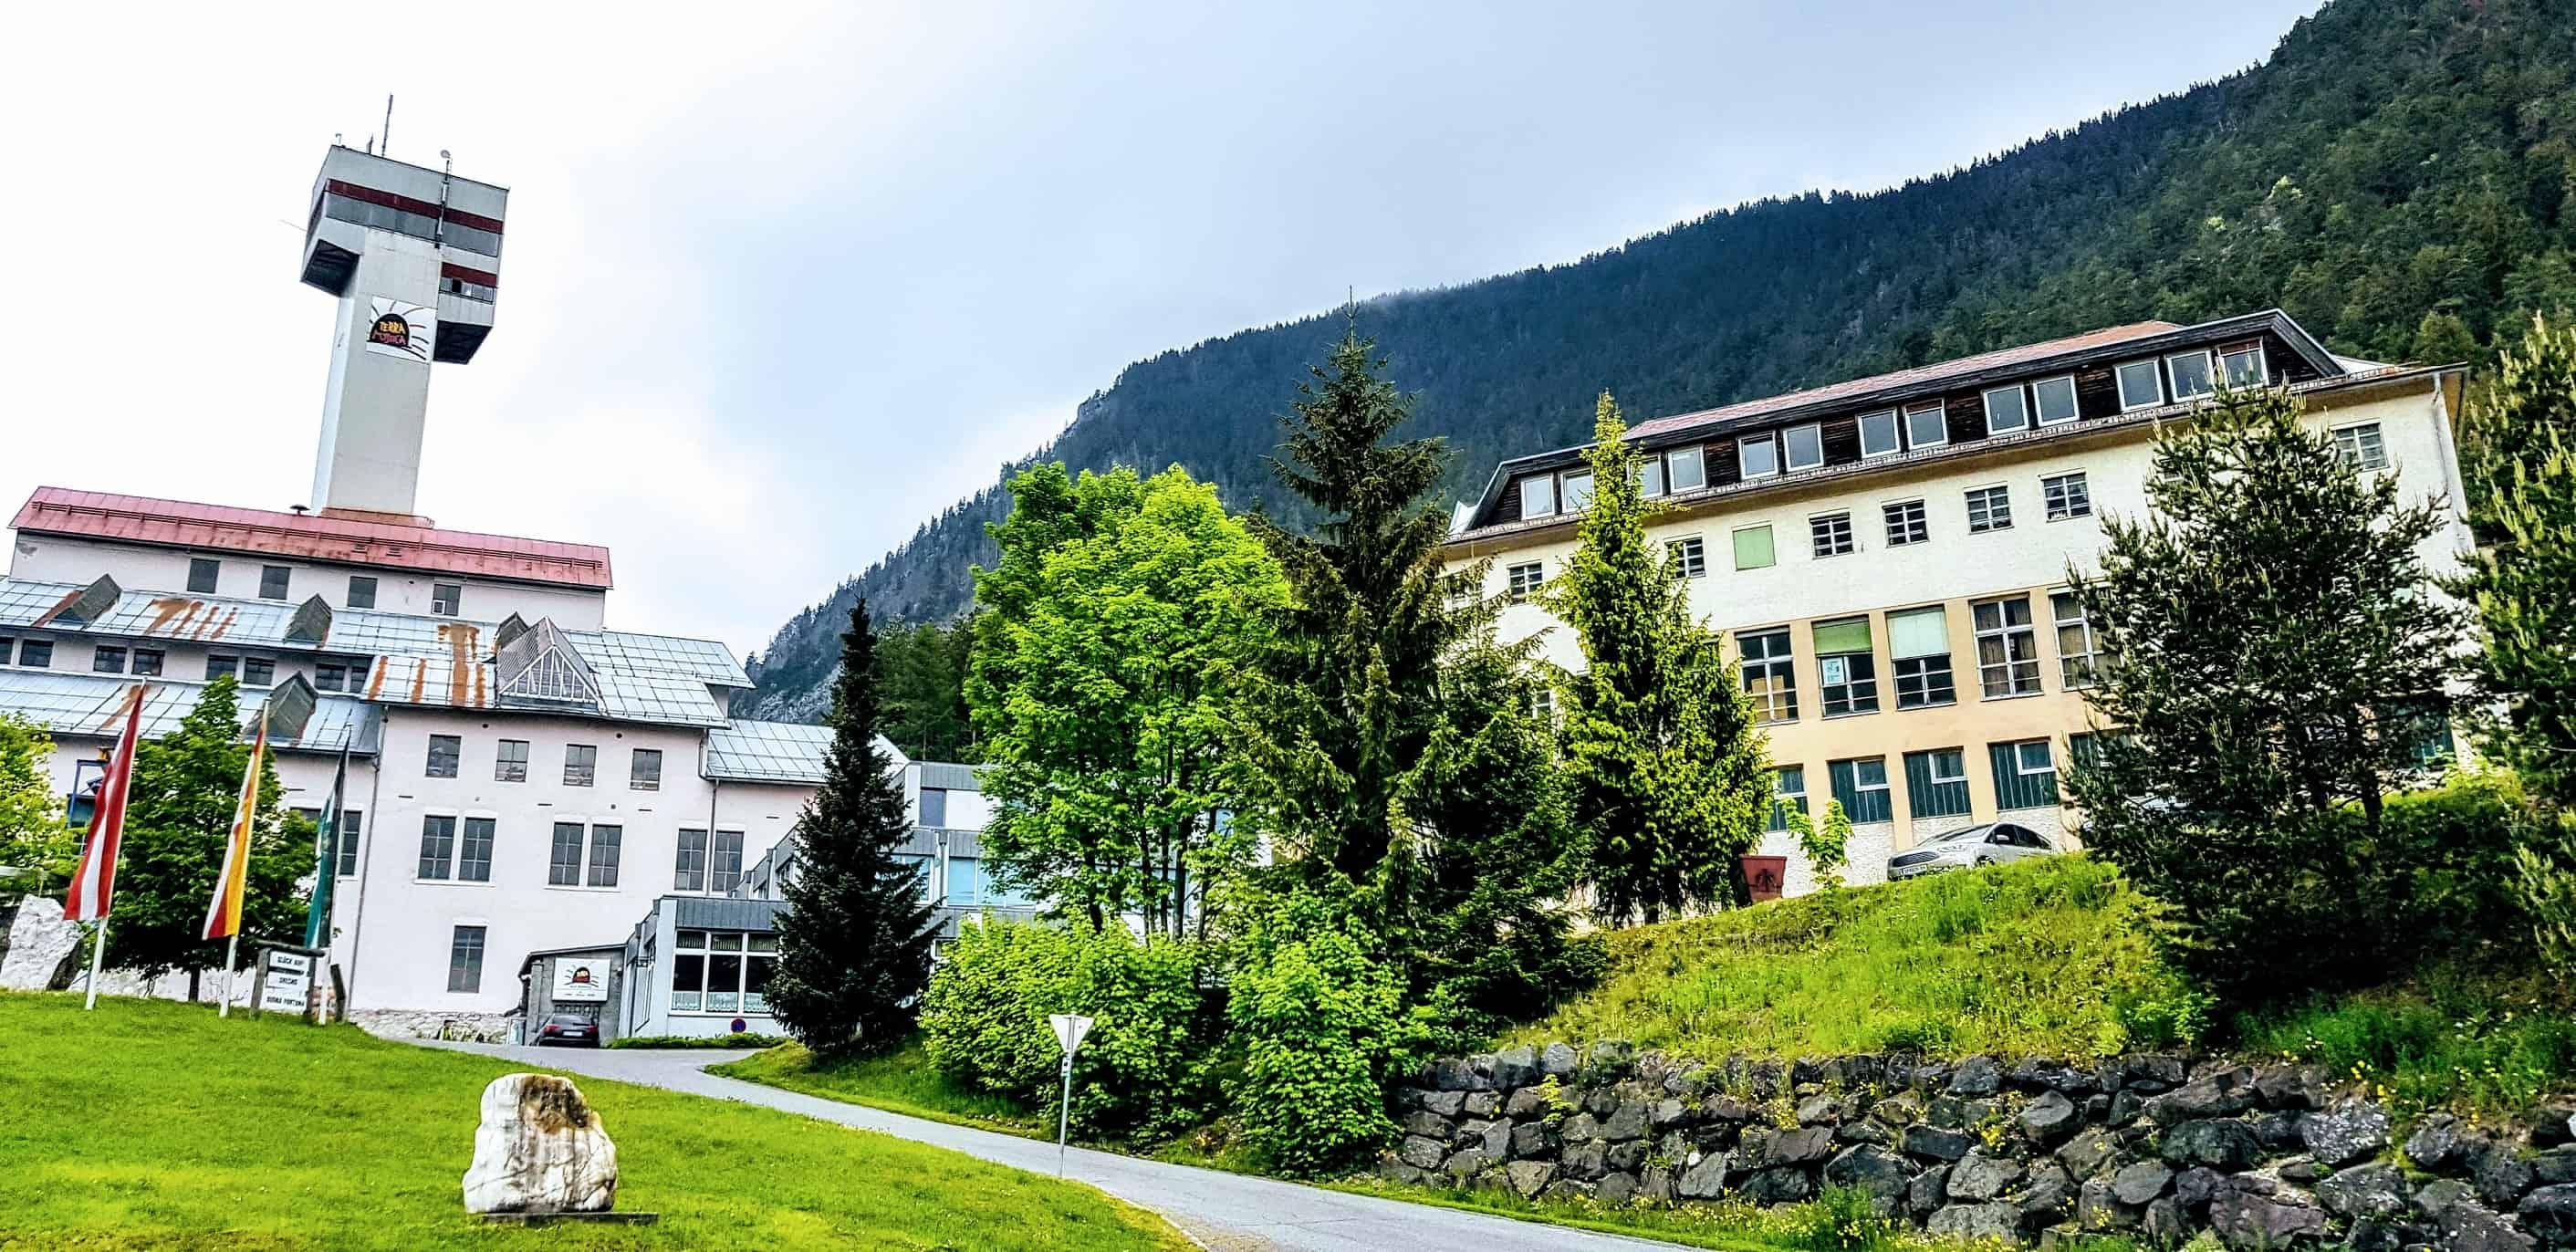 Die Gebäude der Schaubergwerke Terra Mystica & Montana in Kärnten bei Villach